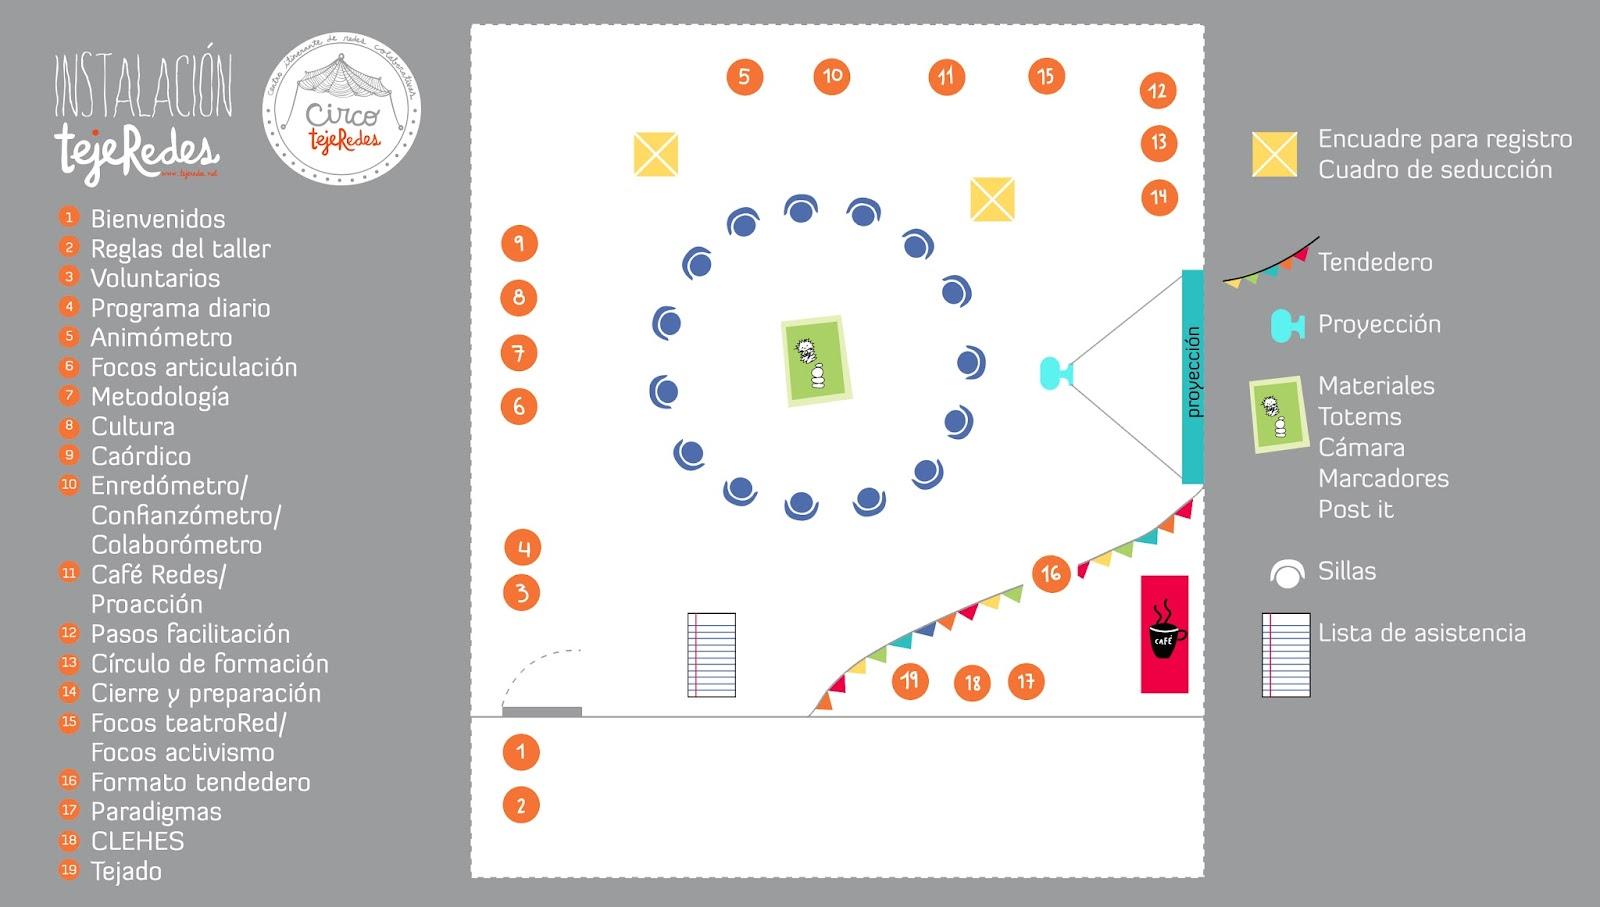 31_Mapa de instalación.jpg